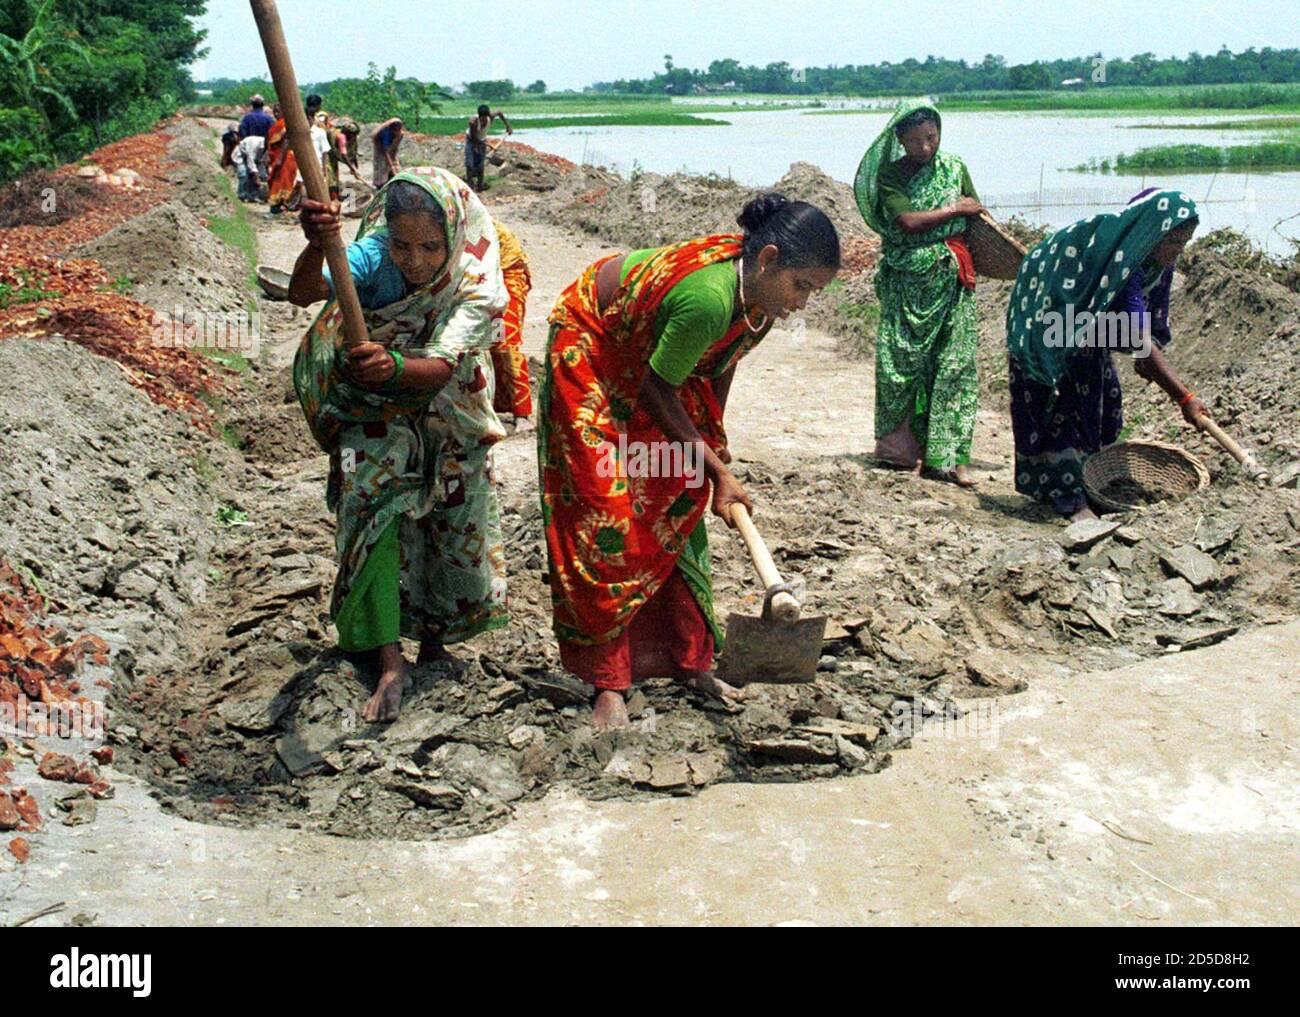 Mujeres bangladesíes trabajan en un proyecto de construcción de carreteras cerca de la capital de Bangladesh, Dhaja, el 8 de marzo, el día Internacional de la Mujer. [El día se centró en la difícil situación de las mujeres en todo el mundo, especialmente en los países en desarrollo donde las mujeres son gravemente discriminadas contra los hombres en las esferas del trabajo y la seguridad social. ] Foto de stock